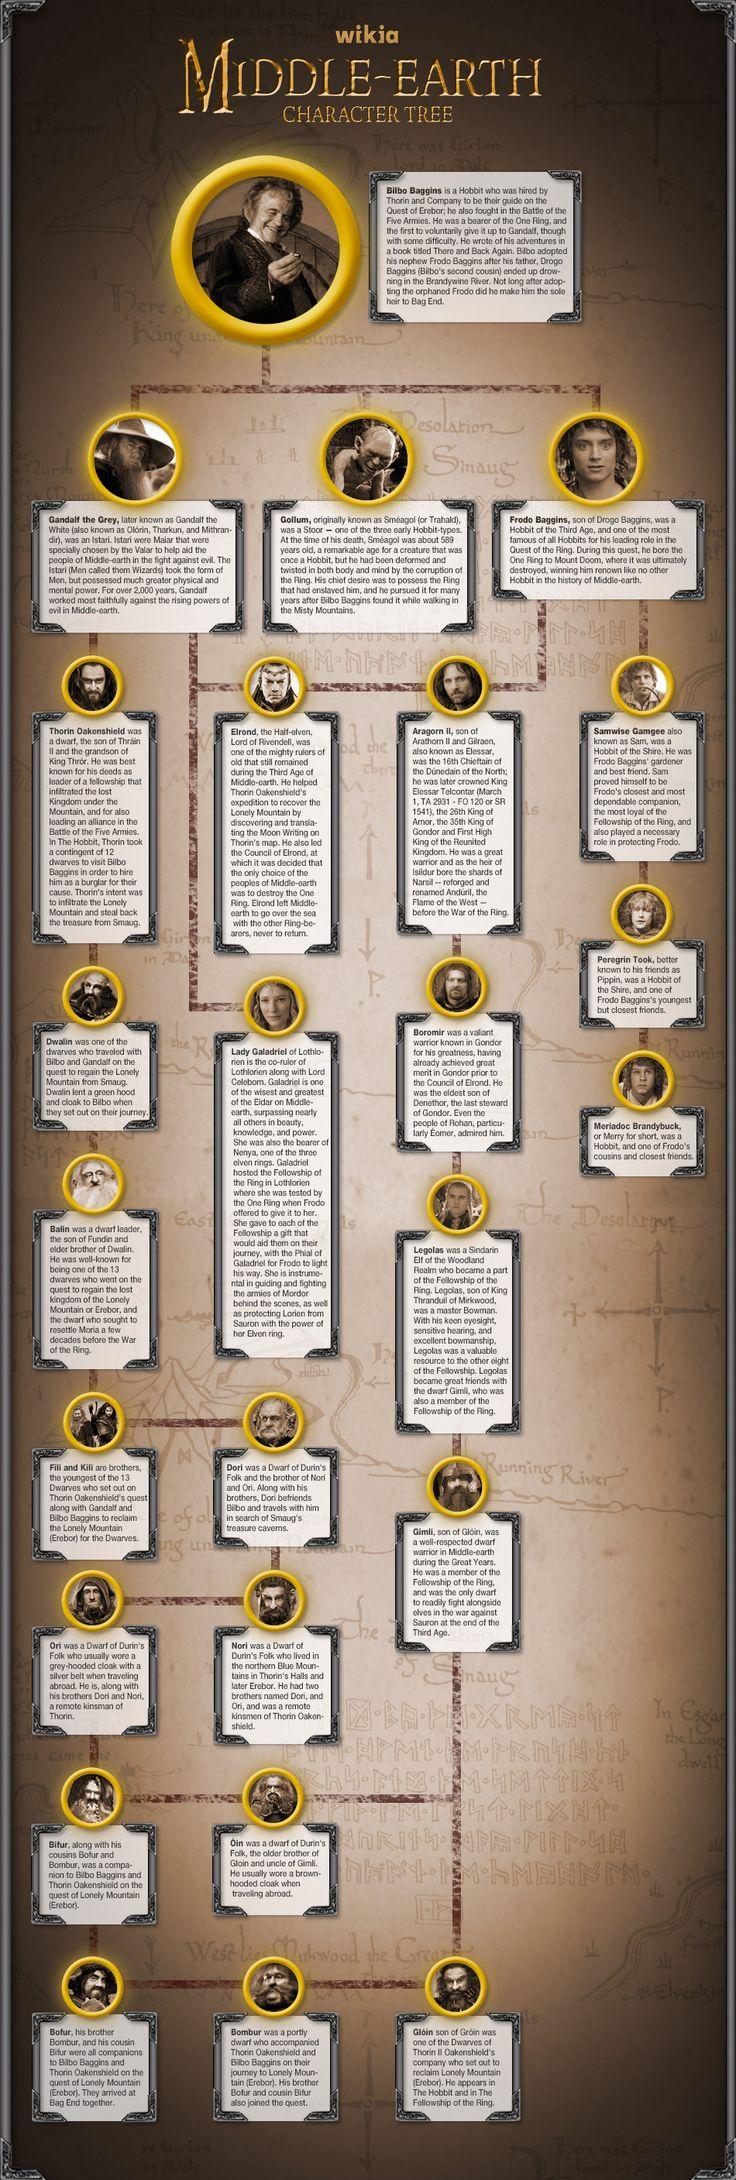 Hobbit_Character_Tree-b-c.jpeg 950×2,815 pixels